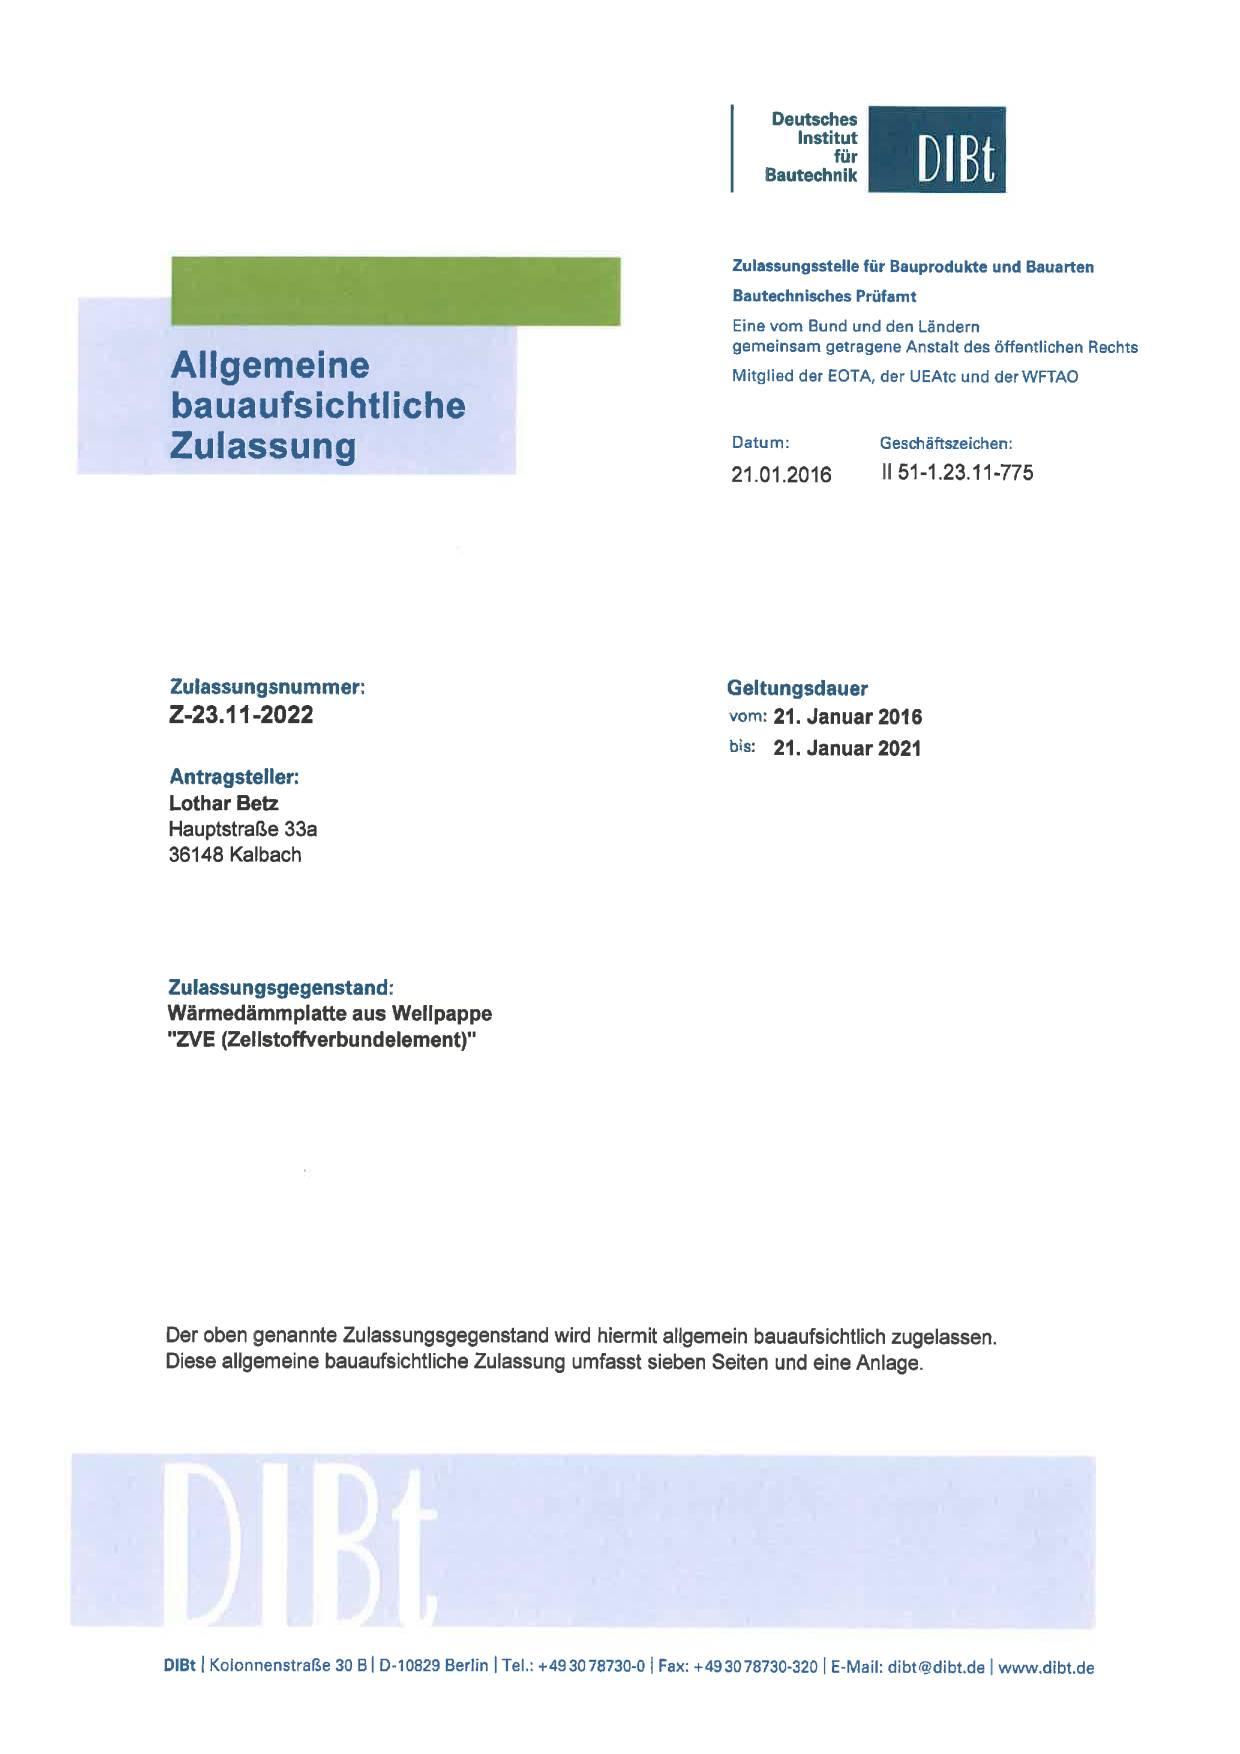 Allgemeine Bauaufsichtliche Zulassung Erteilt Betz Dammelemente